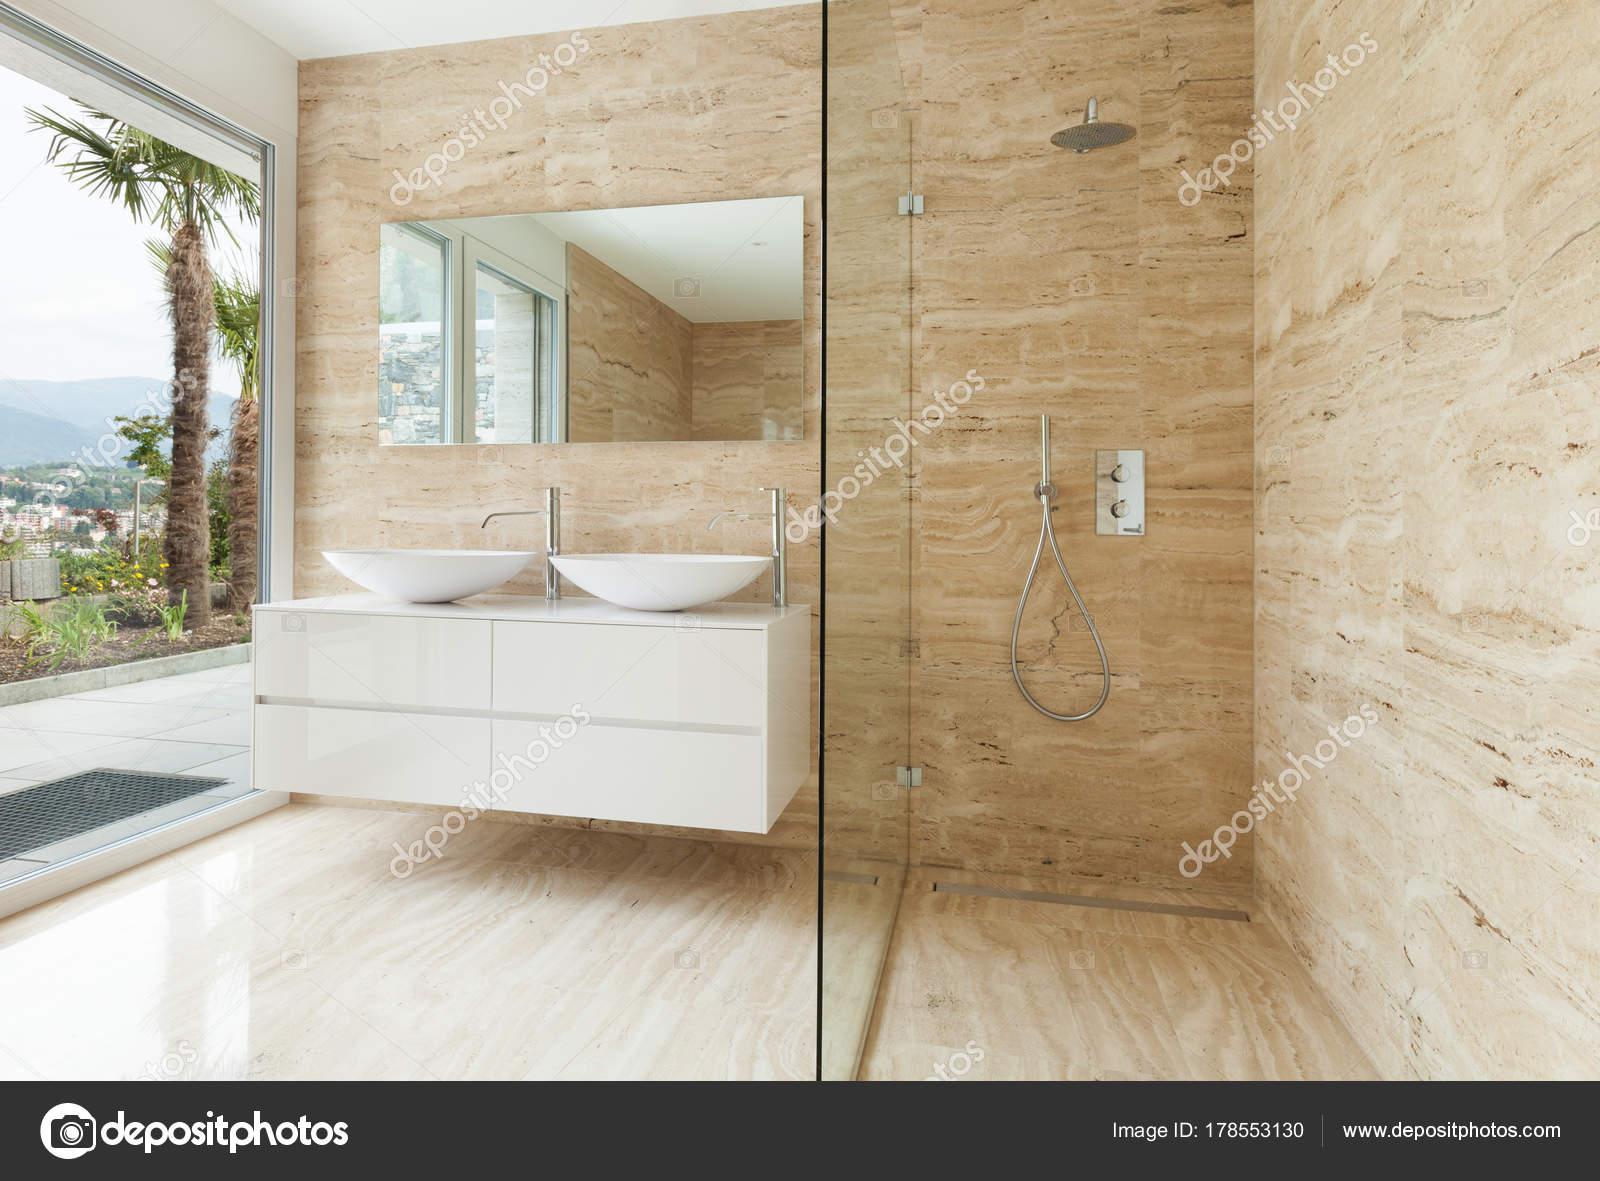 Mooie Moderne Badkamers : Mooie moderne badkamer marmeren muren u2014 stockfoto © zveiger #178553130